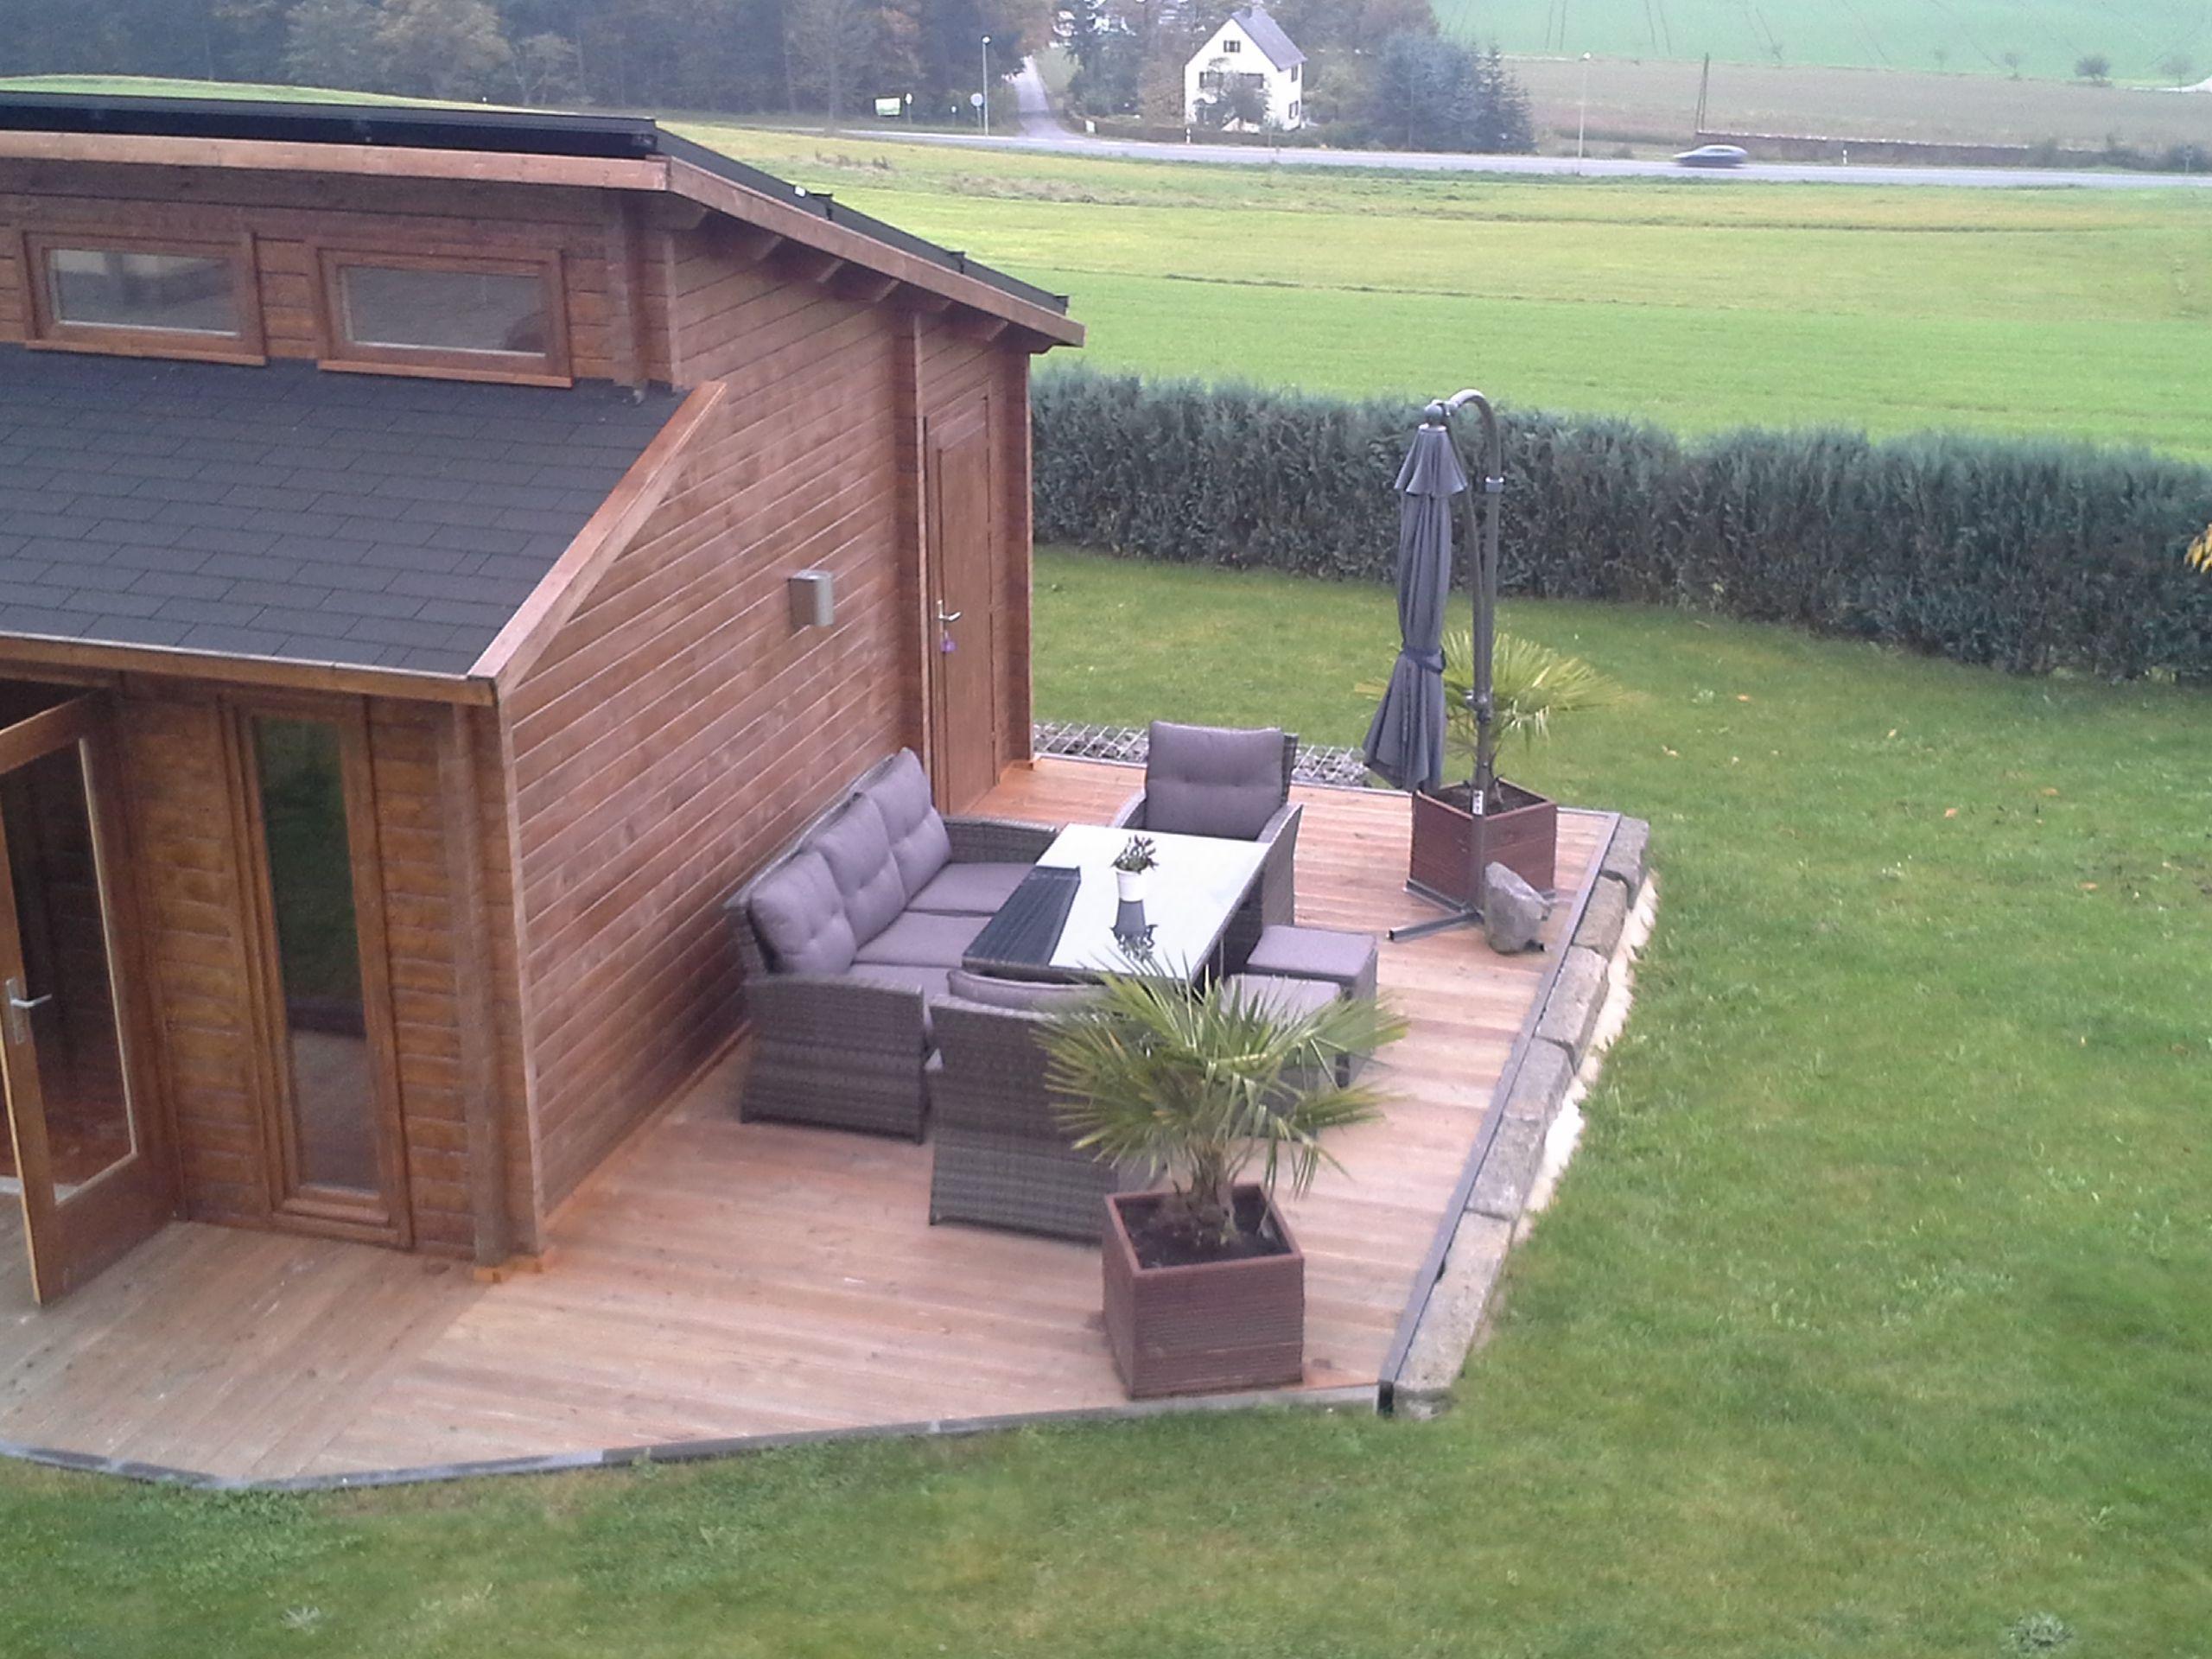 Dunkelbraunes Pultdach Gartenhaus Mit Stylischer Holzterrasse. | Gartenhaus  Mit Pultdach | Pinterest